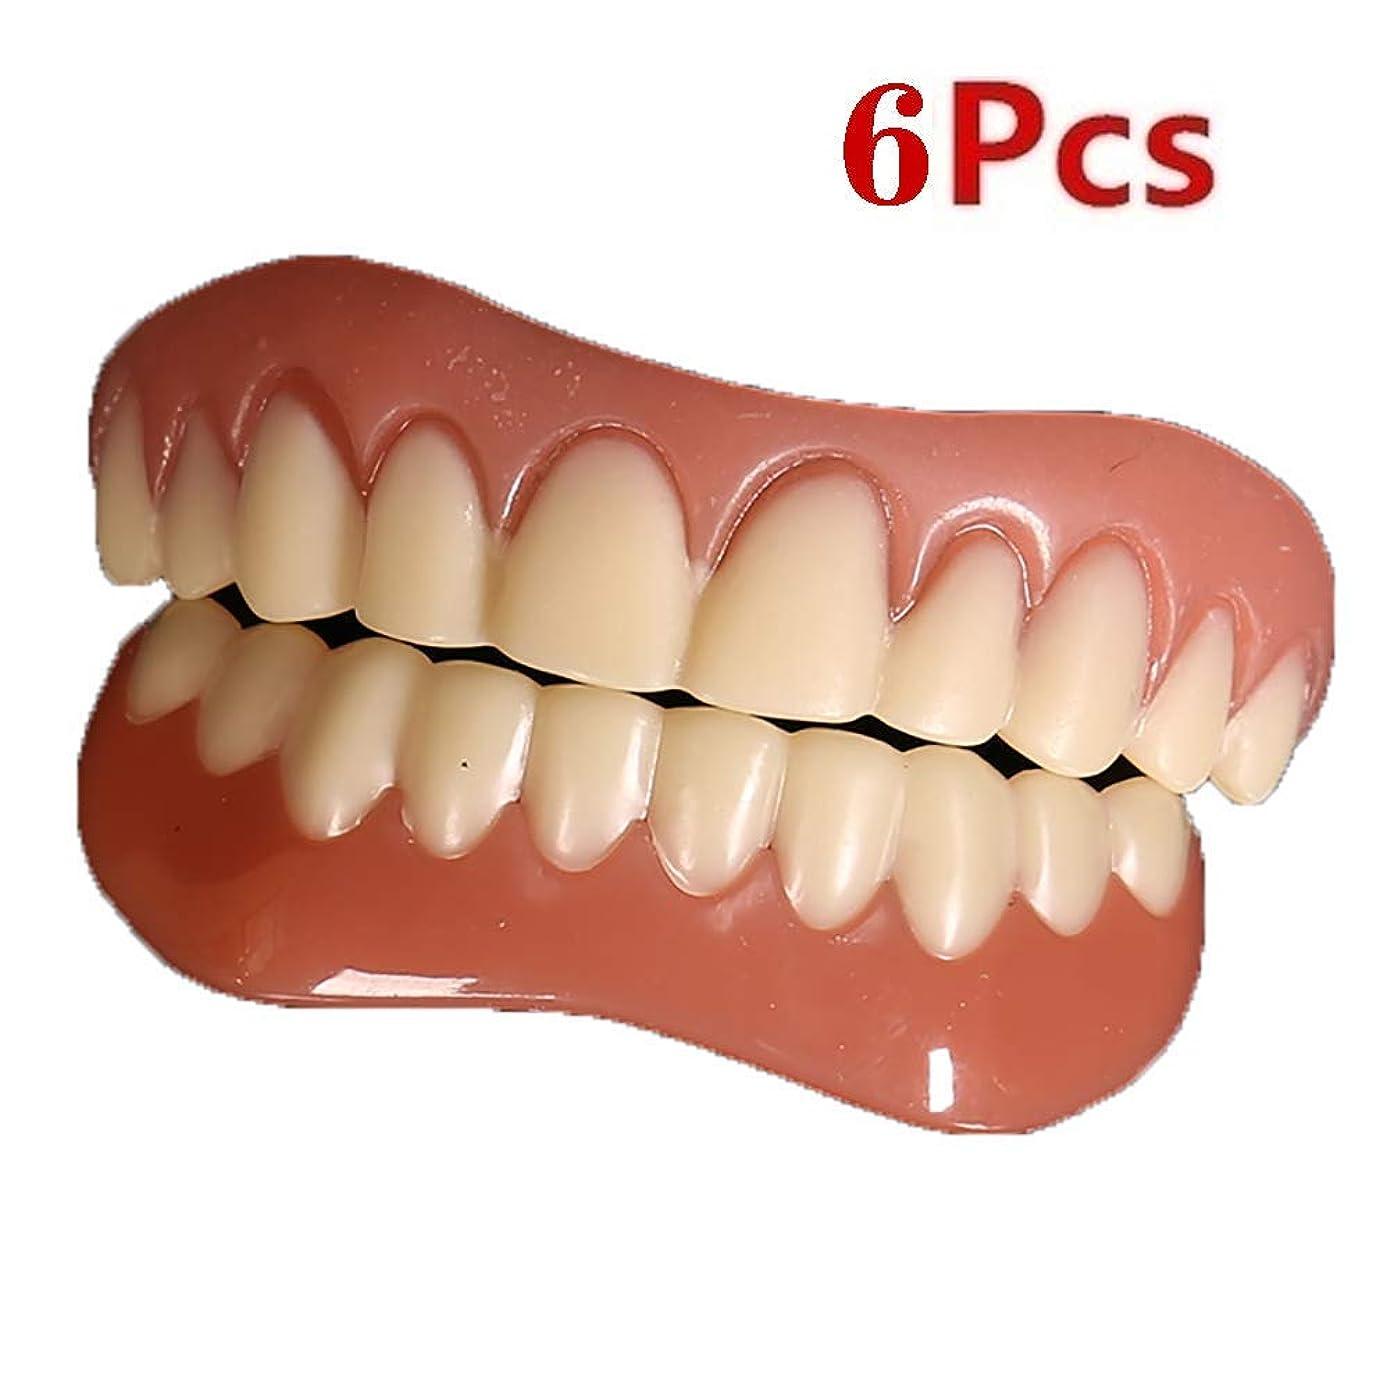 入力馬鹿しょっぱい6個のインスタントスマイルの歯アッパーロアーベニアの快適さフィットの歯のベニヤ、ワンサイズは数分以内に自宅であなたの笑顔を直す